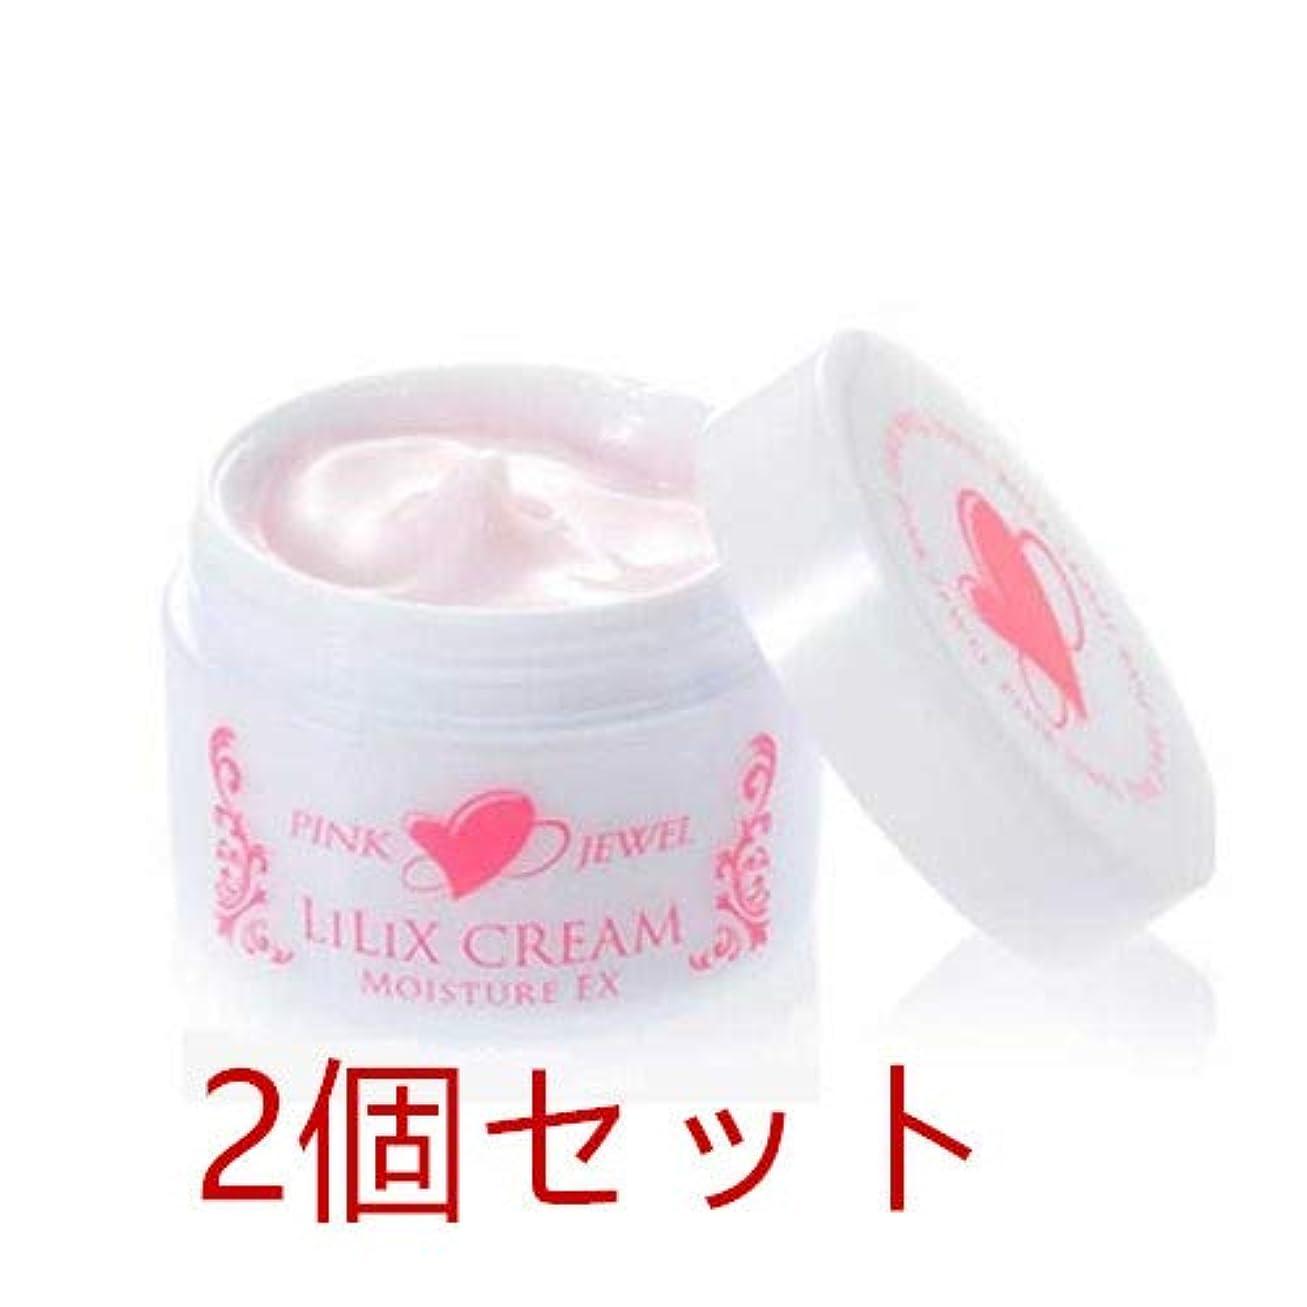 体カカドゥホームピンクジュエル(PINK JEWEL) リリックスクリーム 50g2個セット